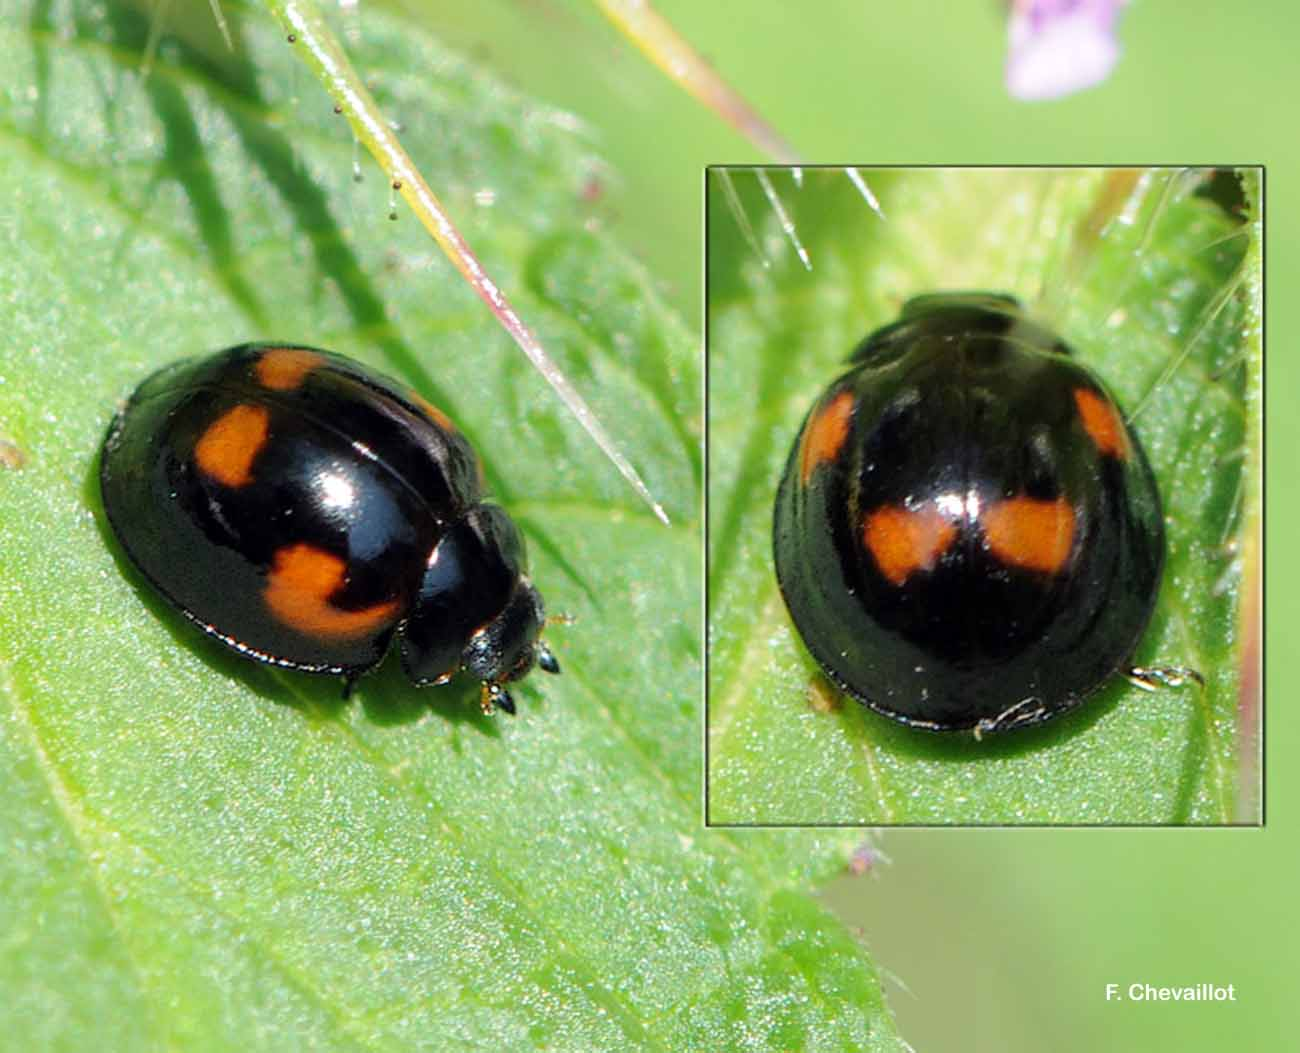 Exochomus quadripustulatus